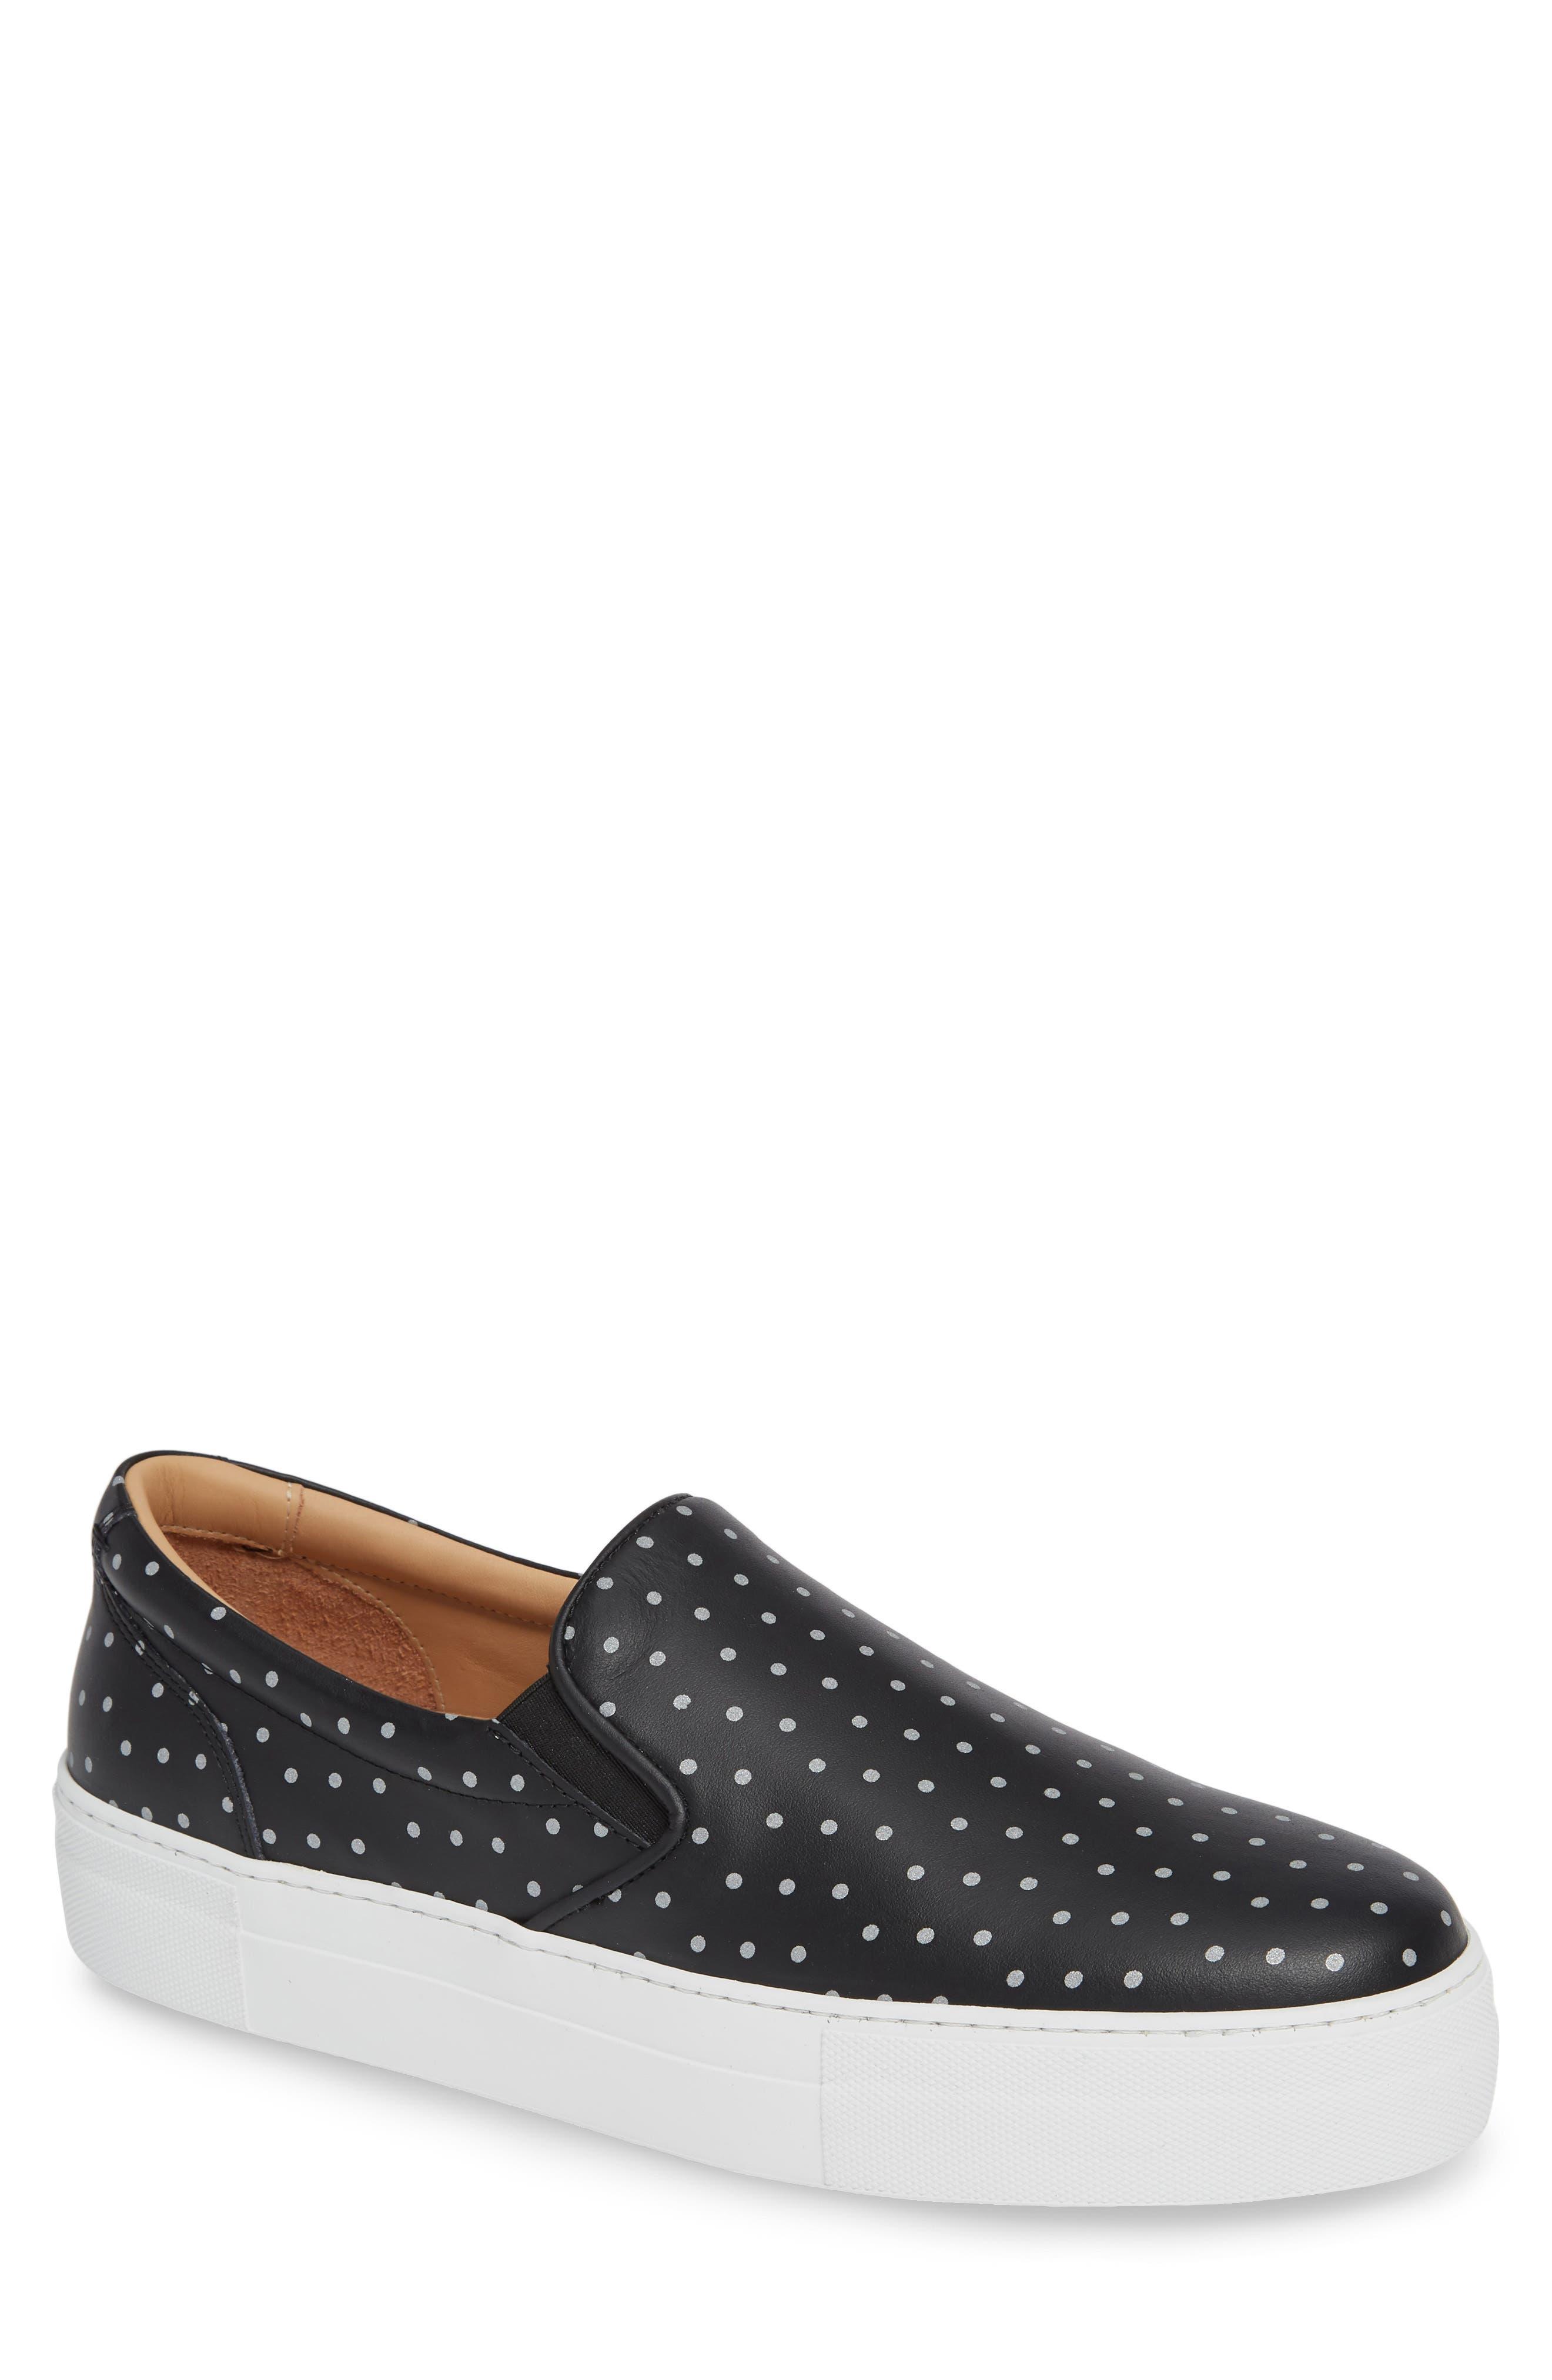 GREATS Slip-On Sneaker in Black W/ 3M Dots